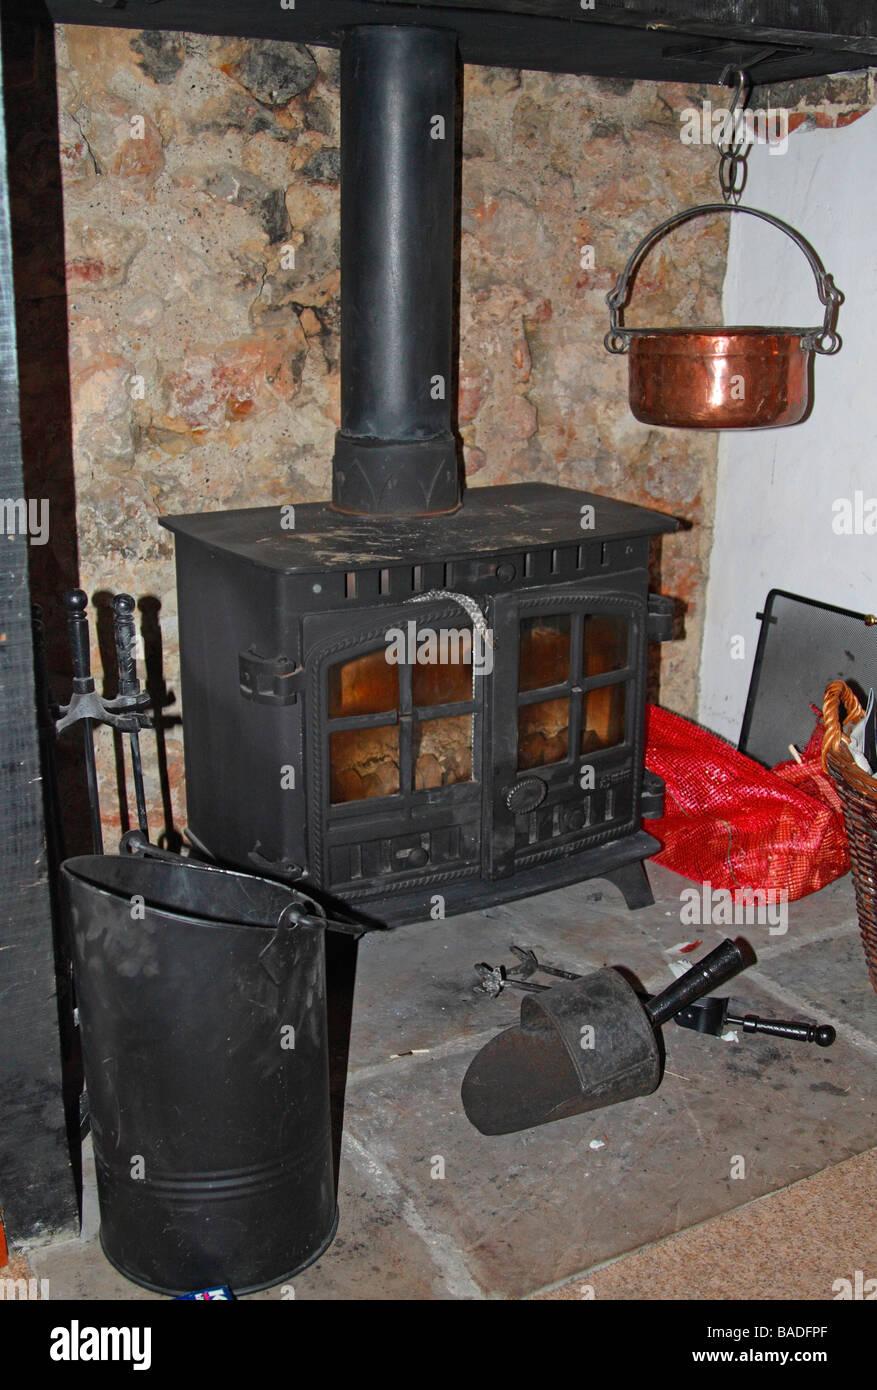 holz-brenner stockfoto, bild: 23654695 - alamy